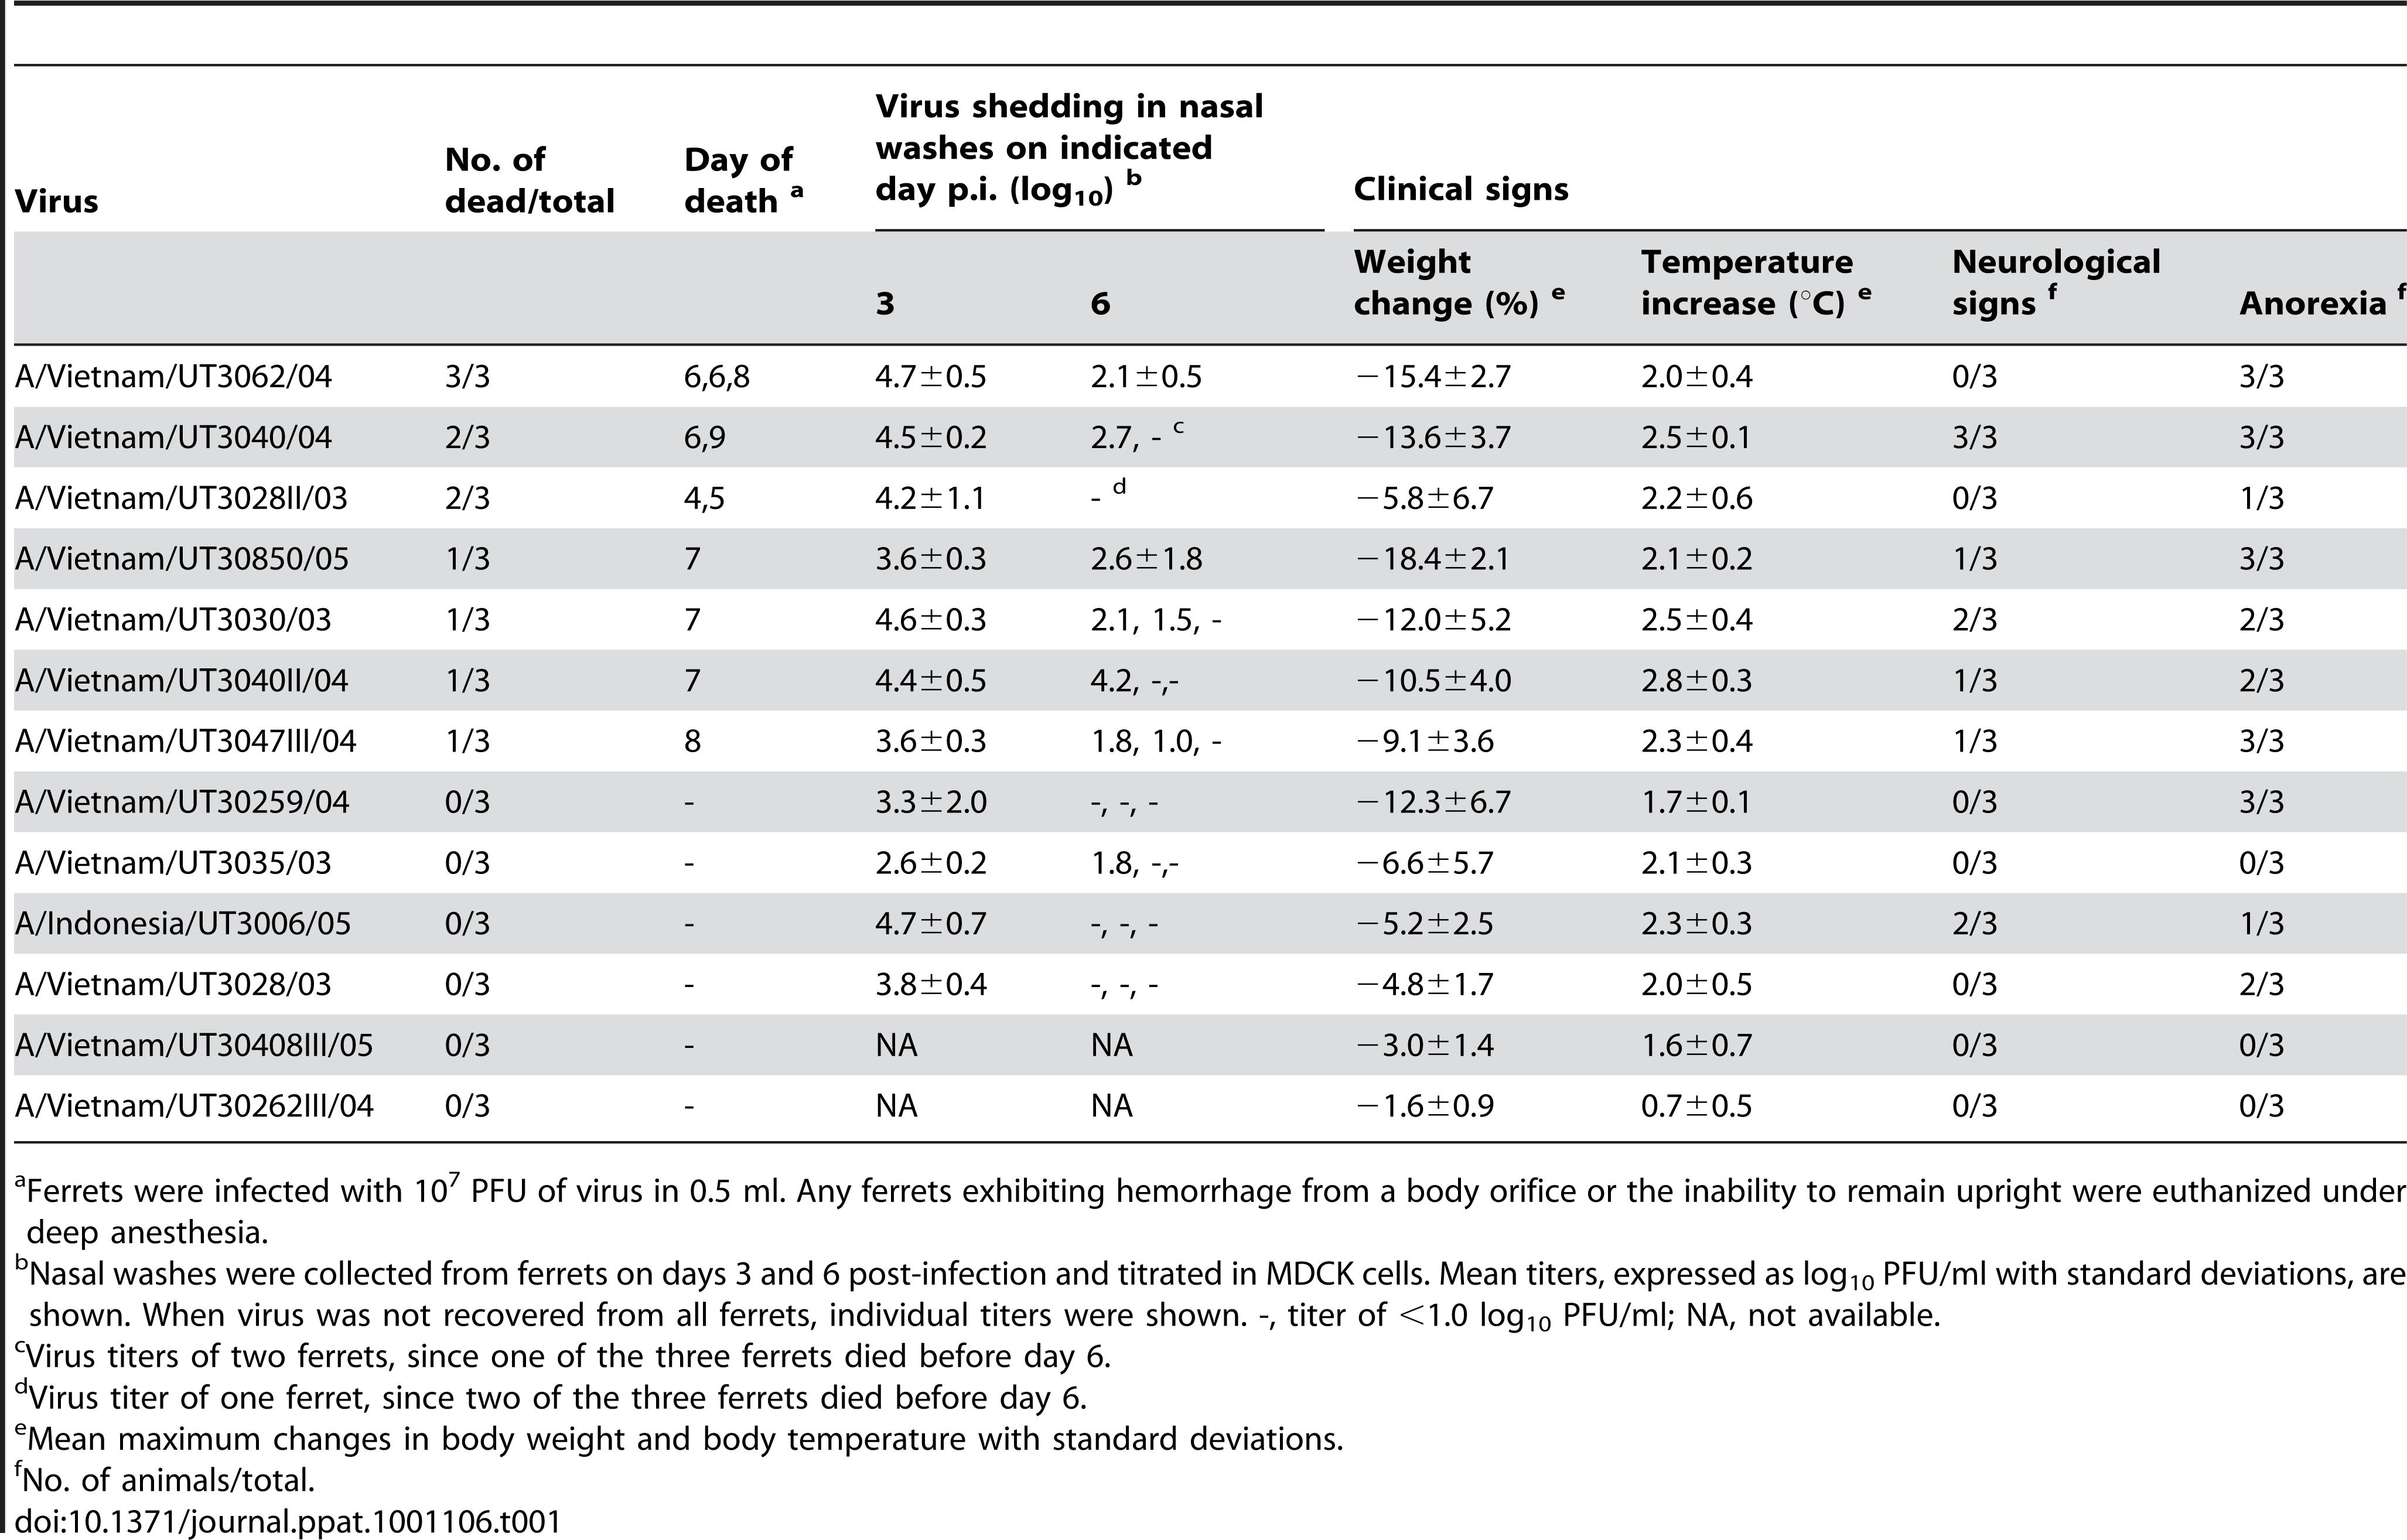 Virulence of H5N1 influenza viruses in ferrets.